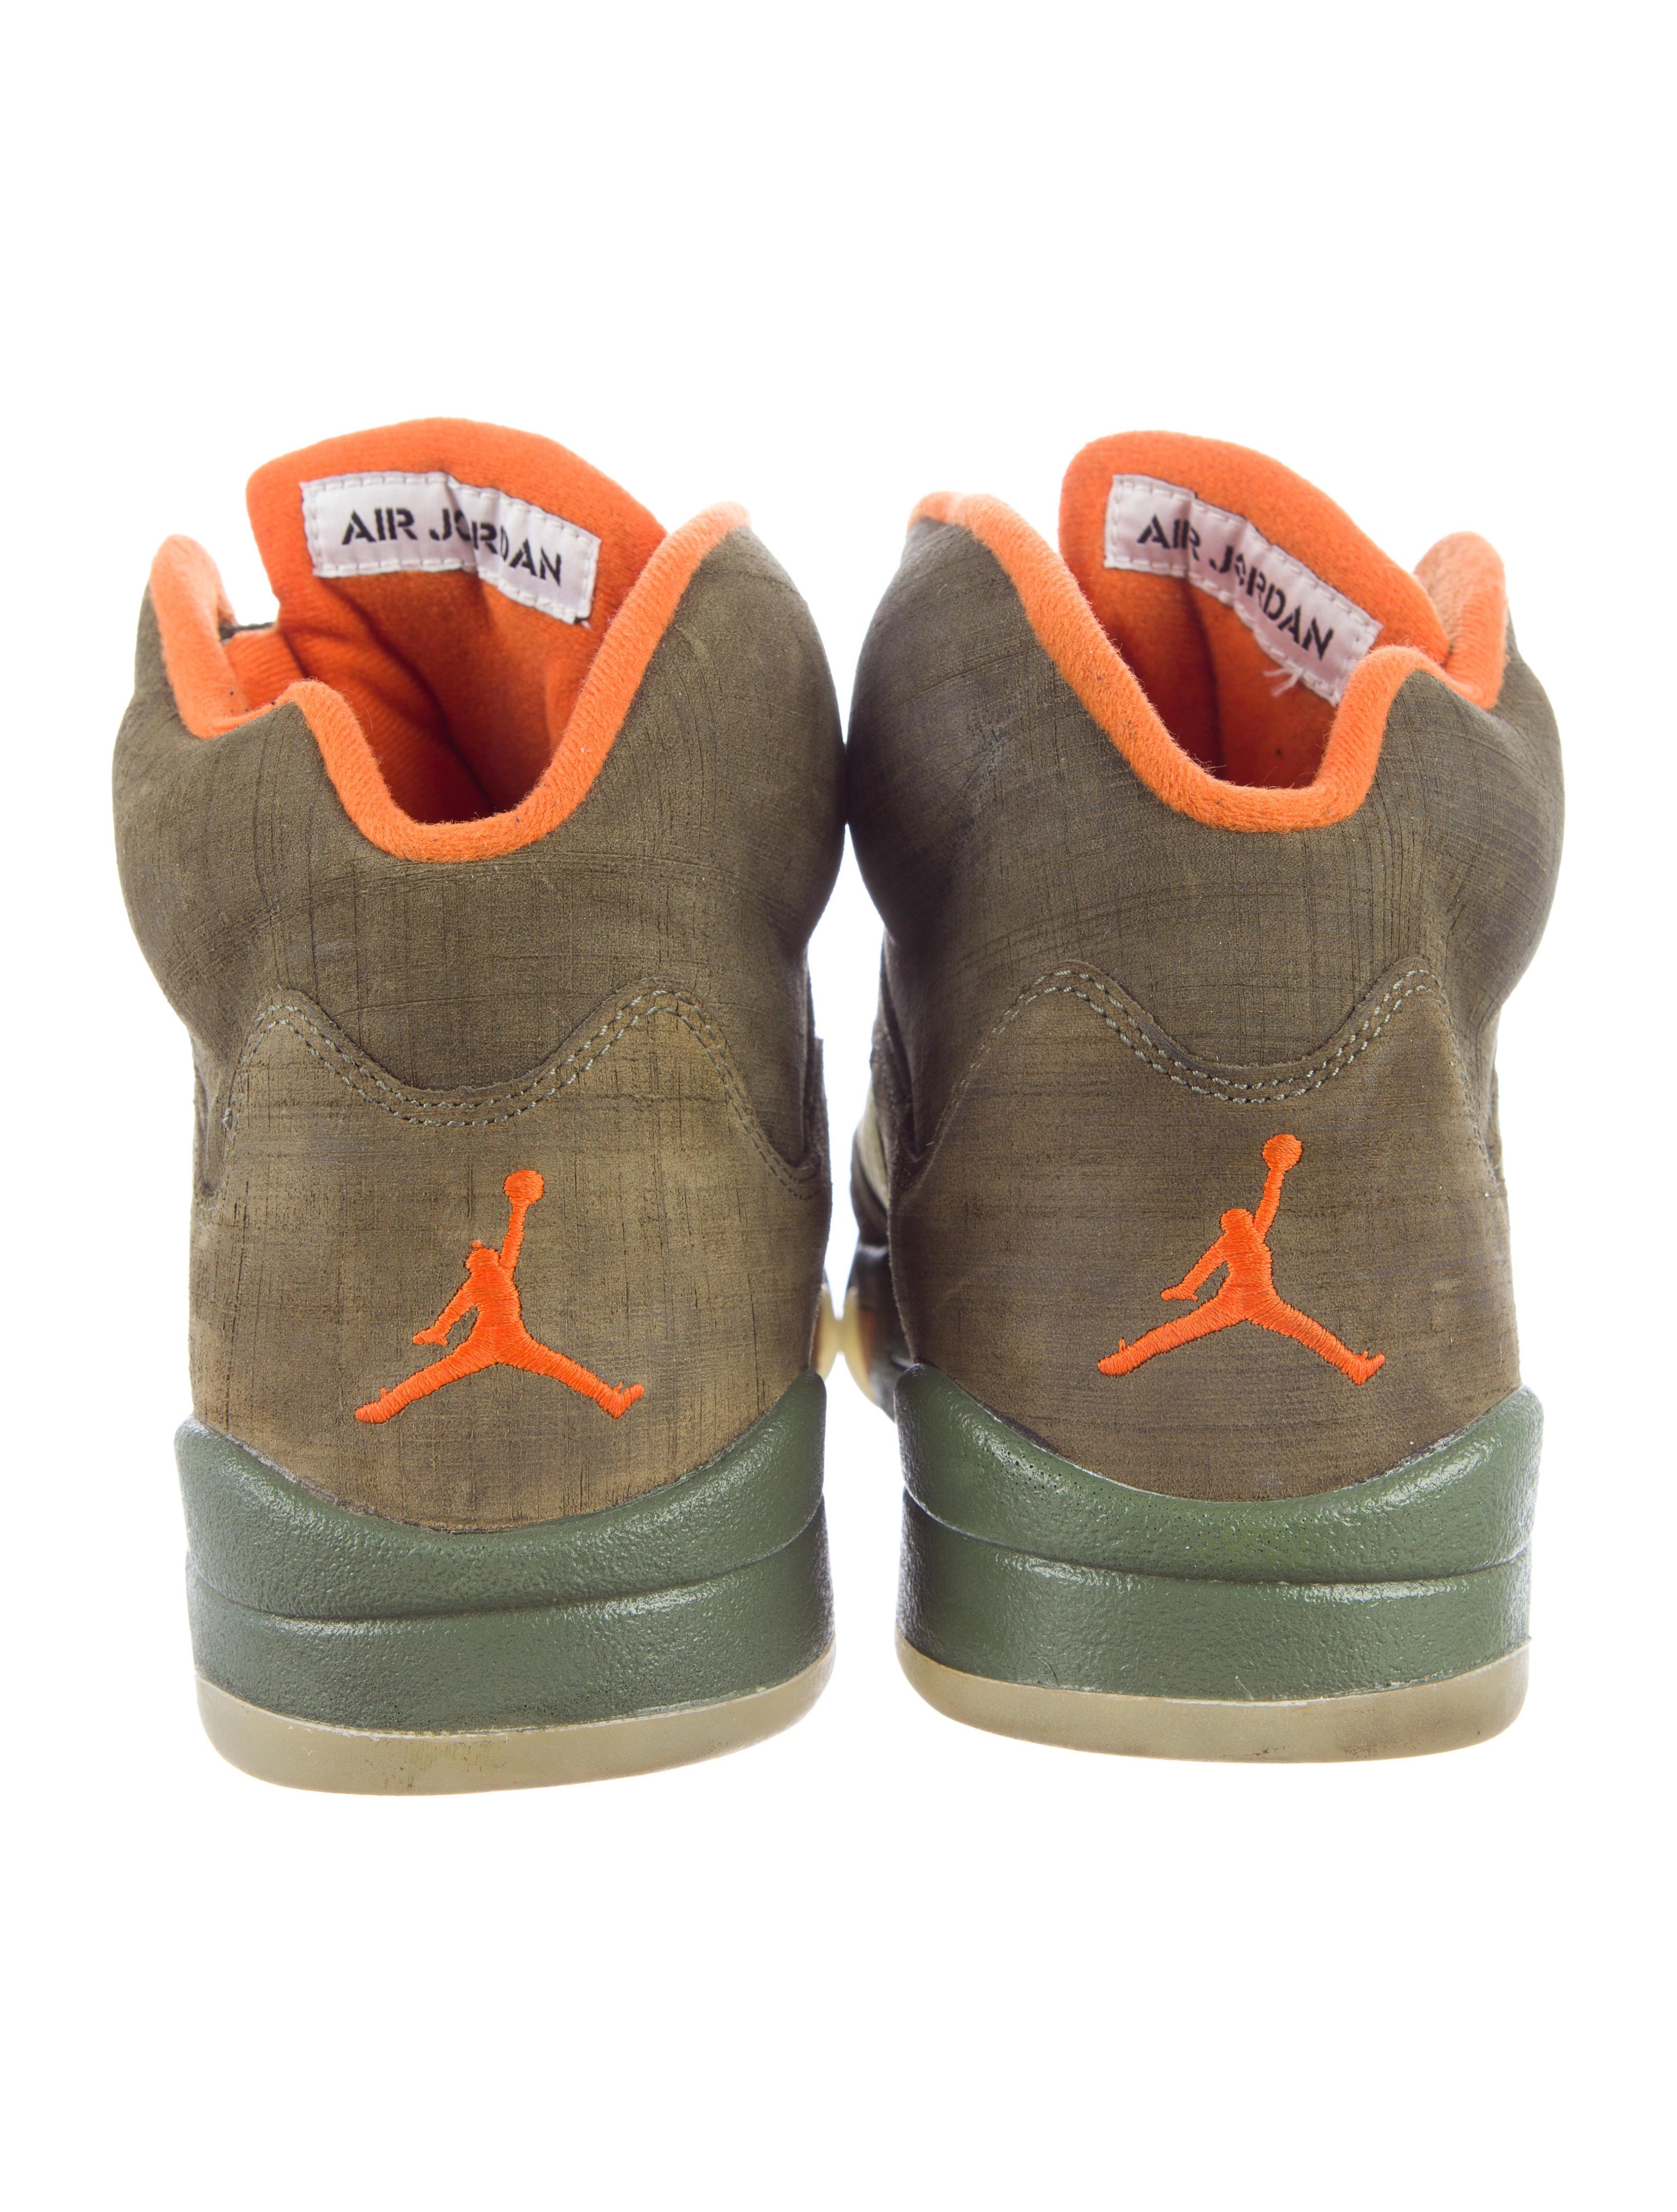 1bee96ad5a2b ... cheapest air jordan 5 retro undftd sneakers d9e03 a74ad